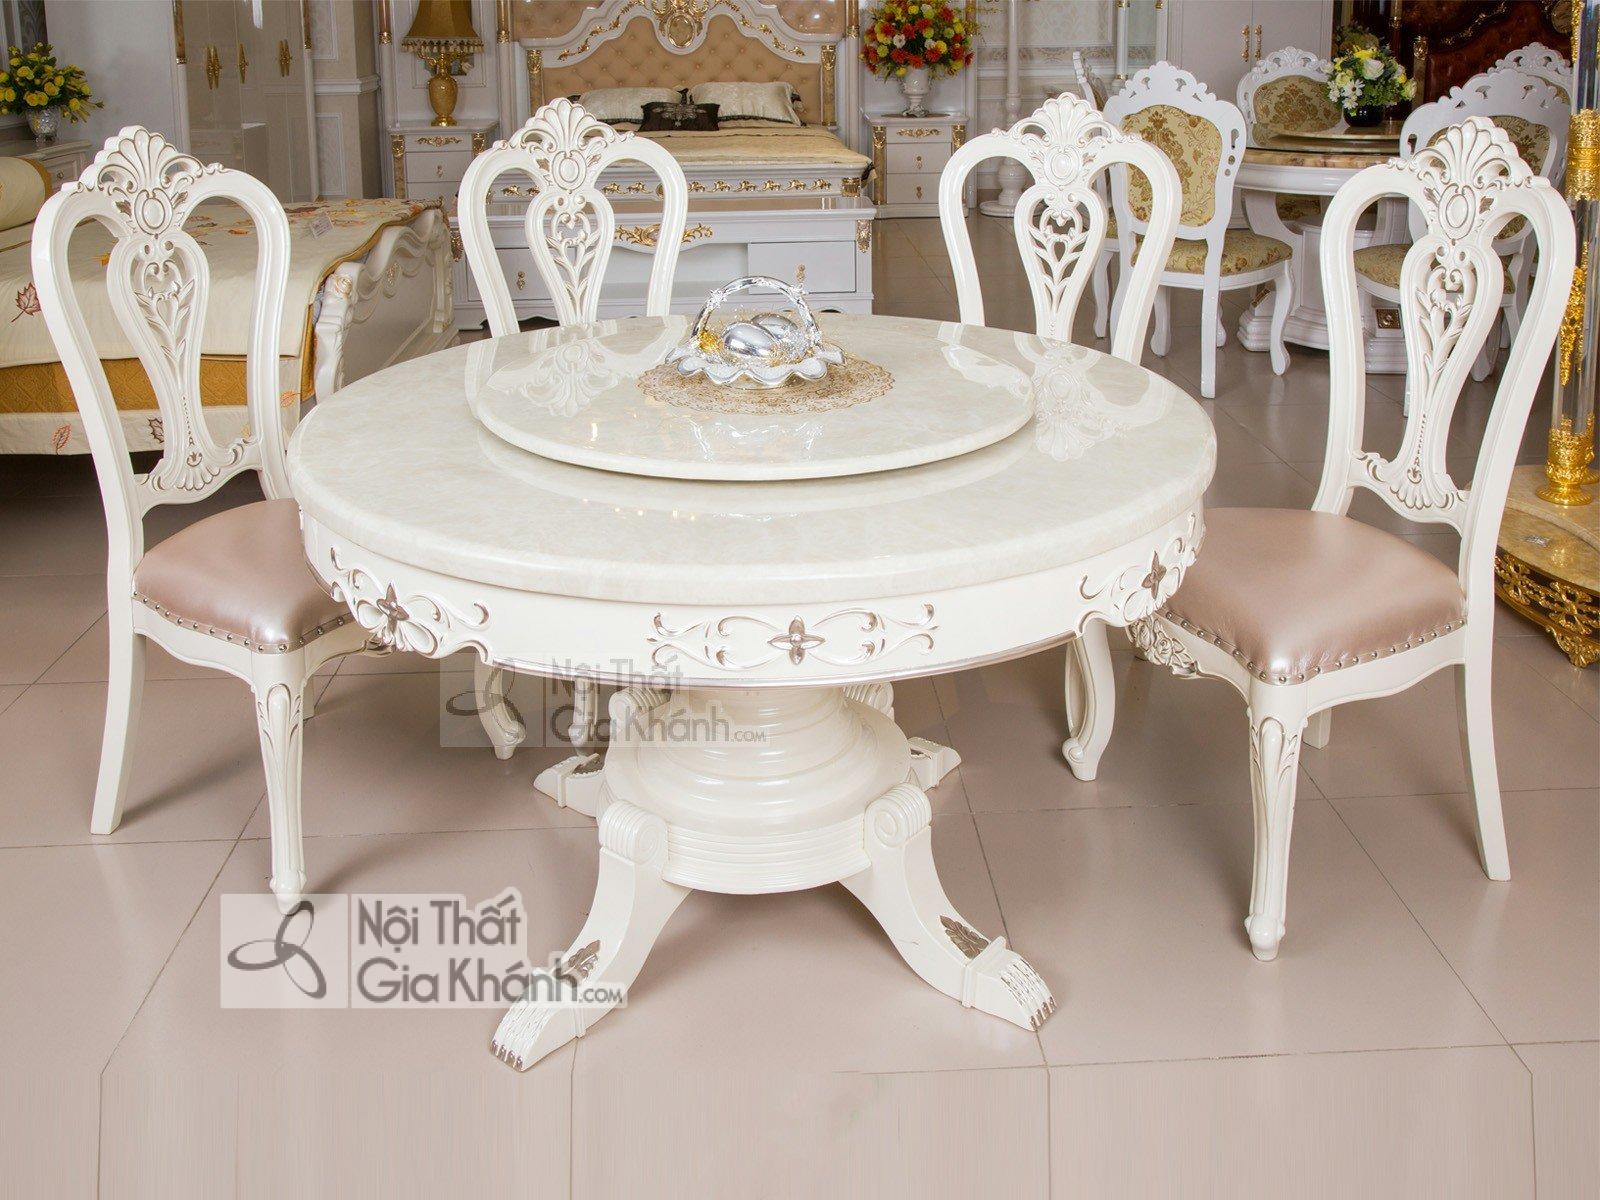 Bộ bàn ăn tròn bằng gỗ mặt đá trắng